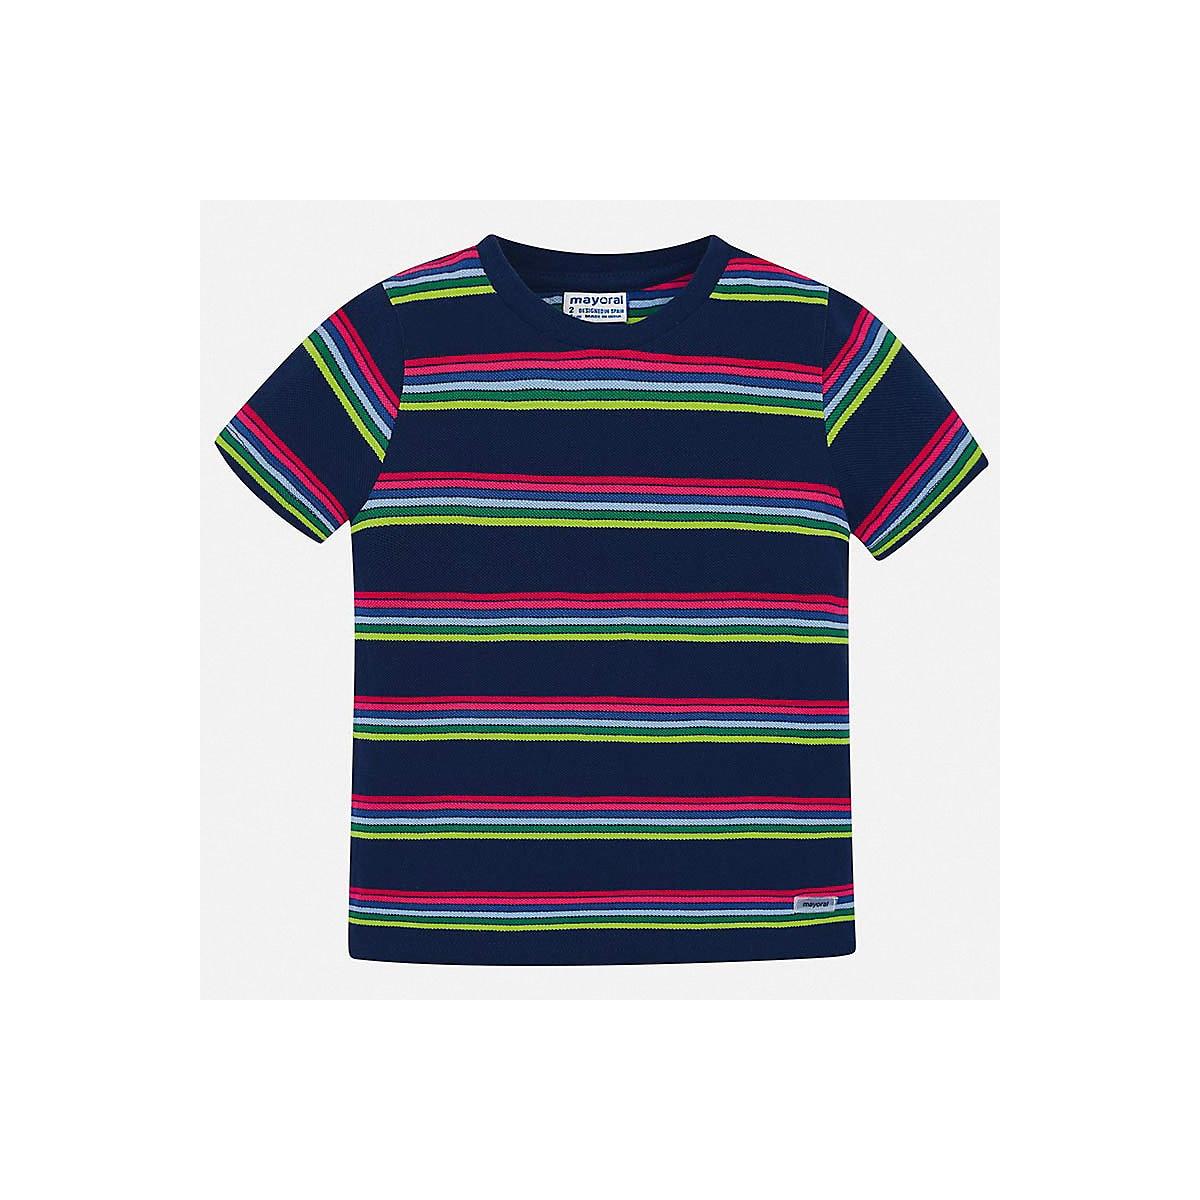 T Shirts BÜRGERMEISTER 10681941 Kinder sClothing T shirt mit kurzen ärmeln polo shirt für jungen und mädchen - 2